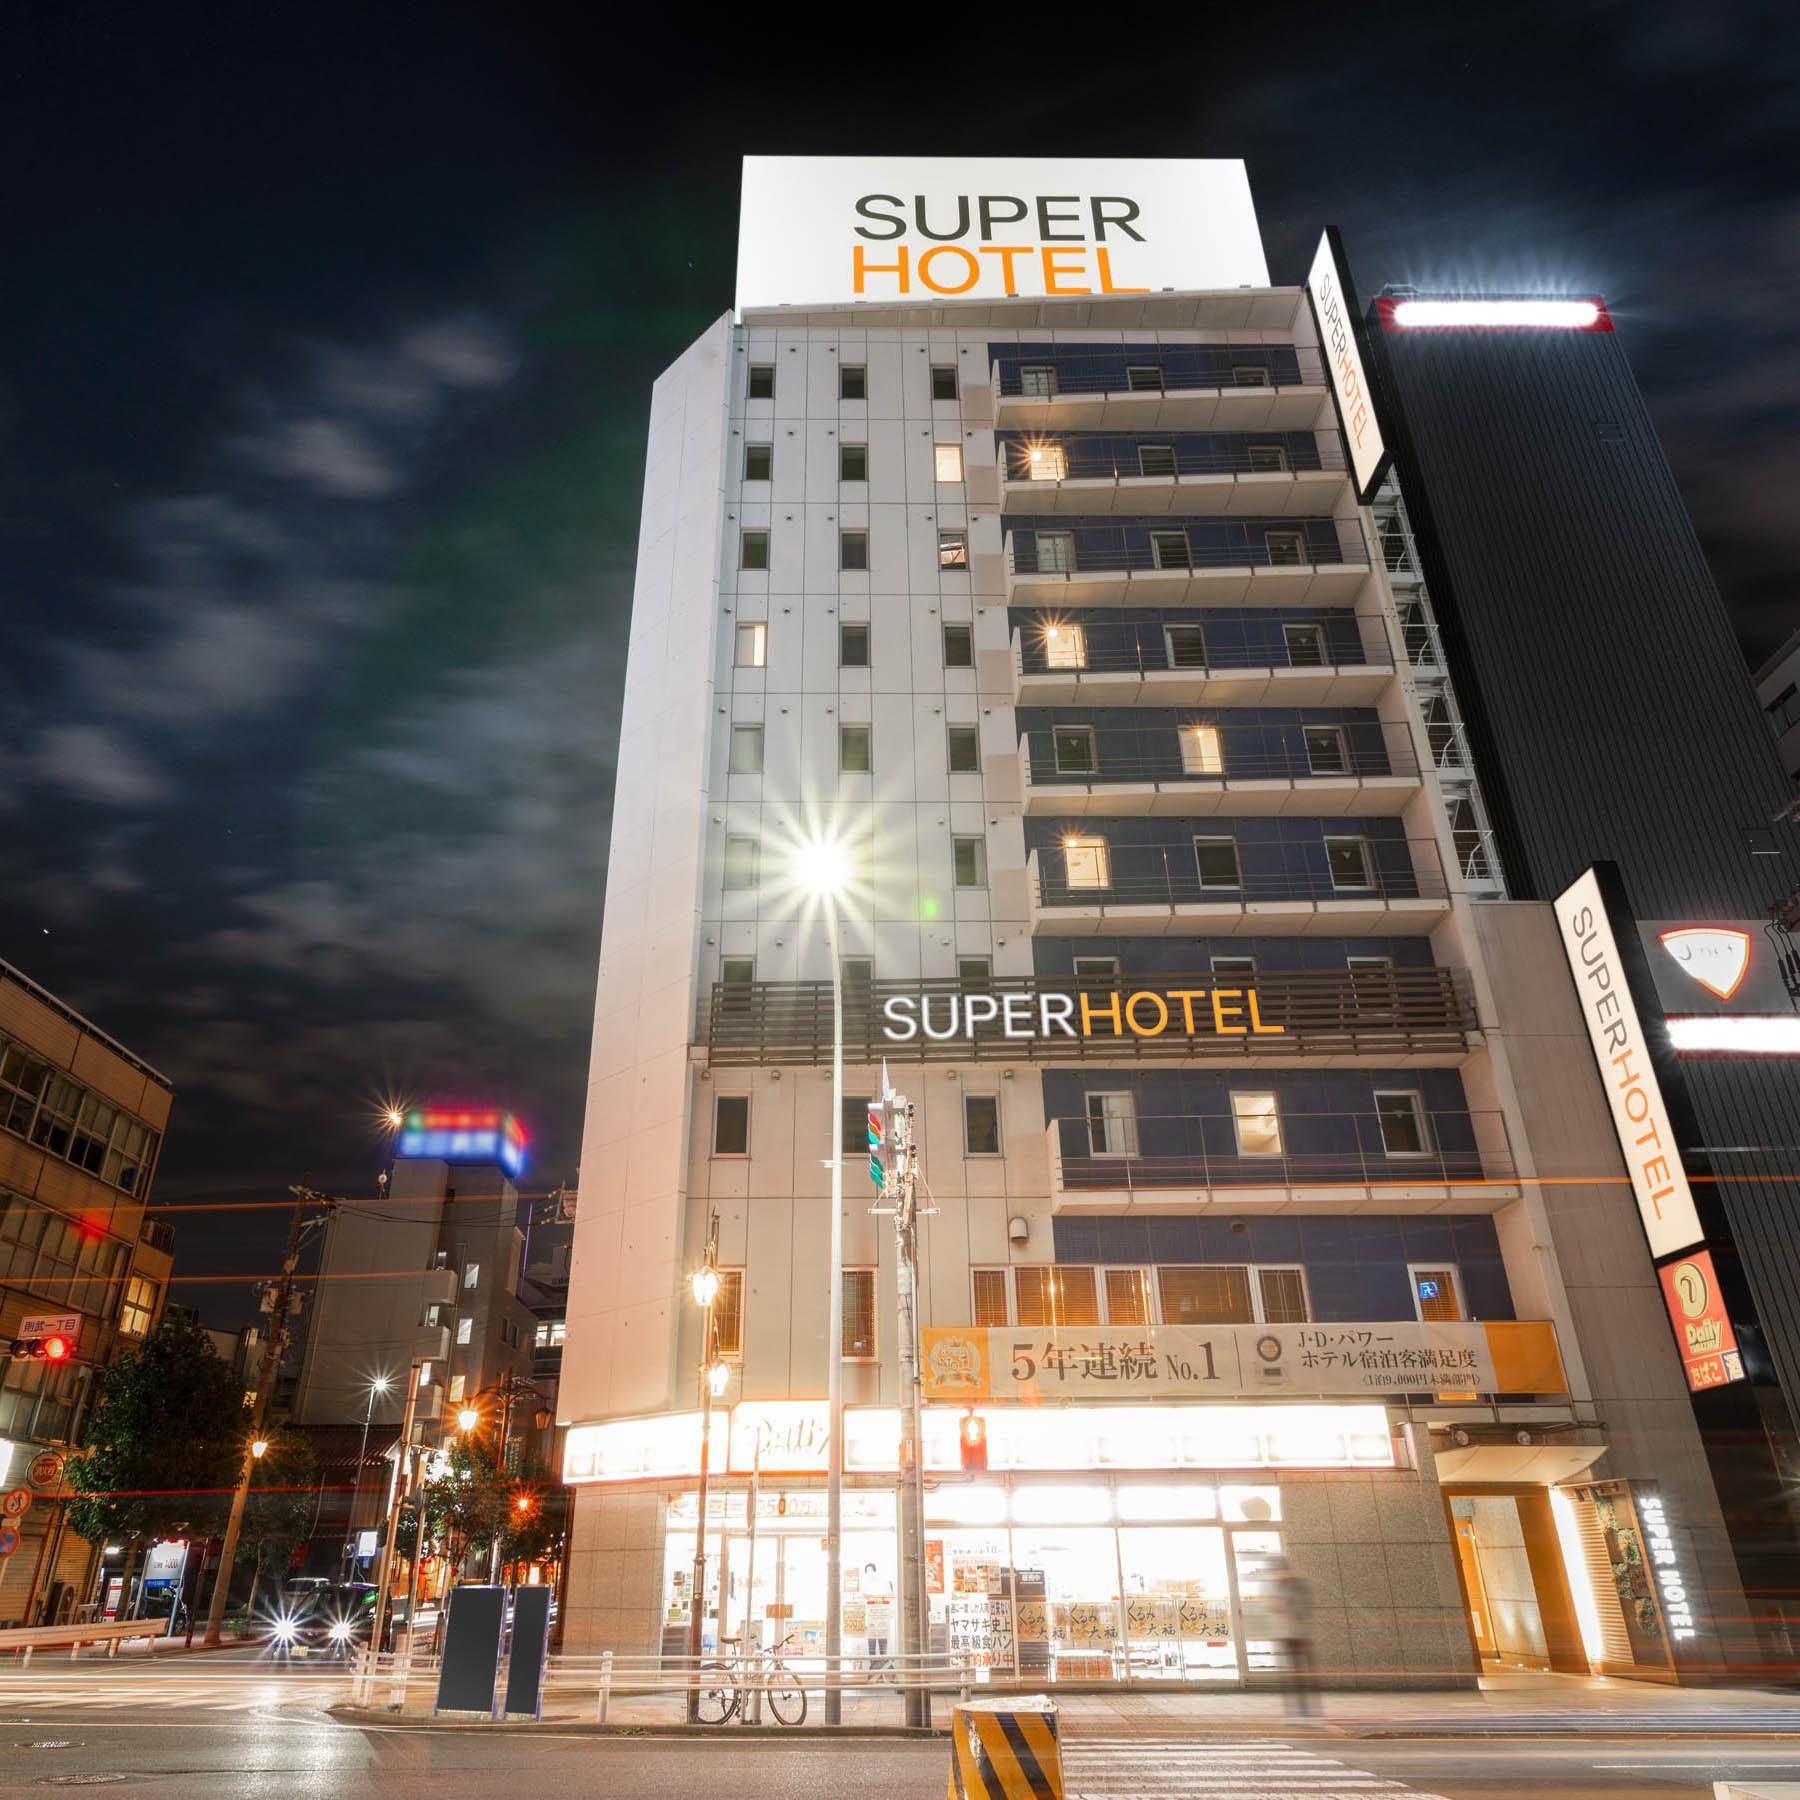 スーパーホテル 名古屋駅前